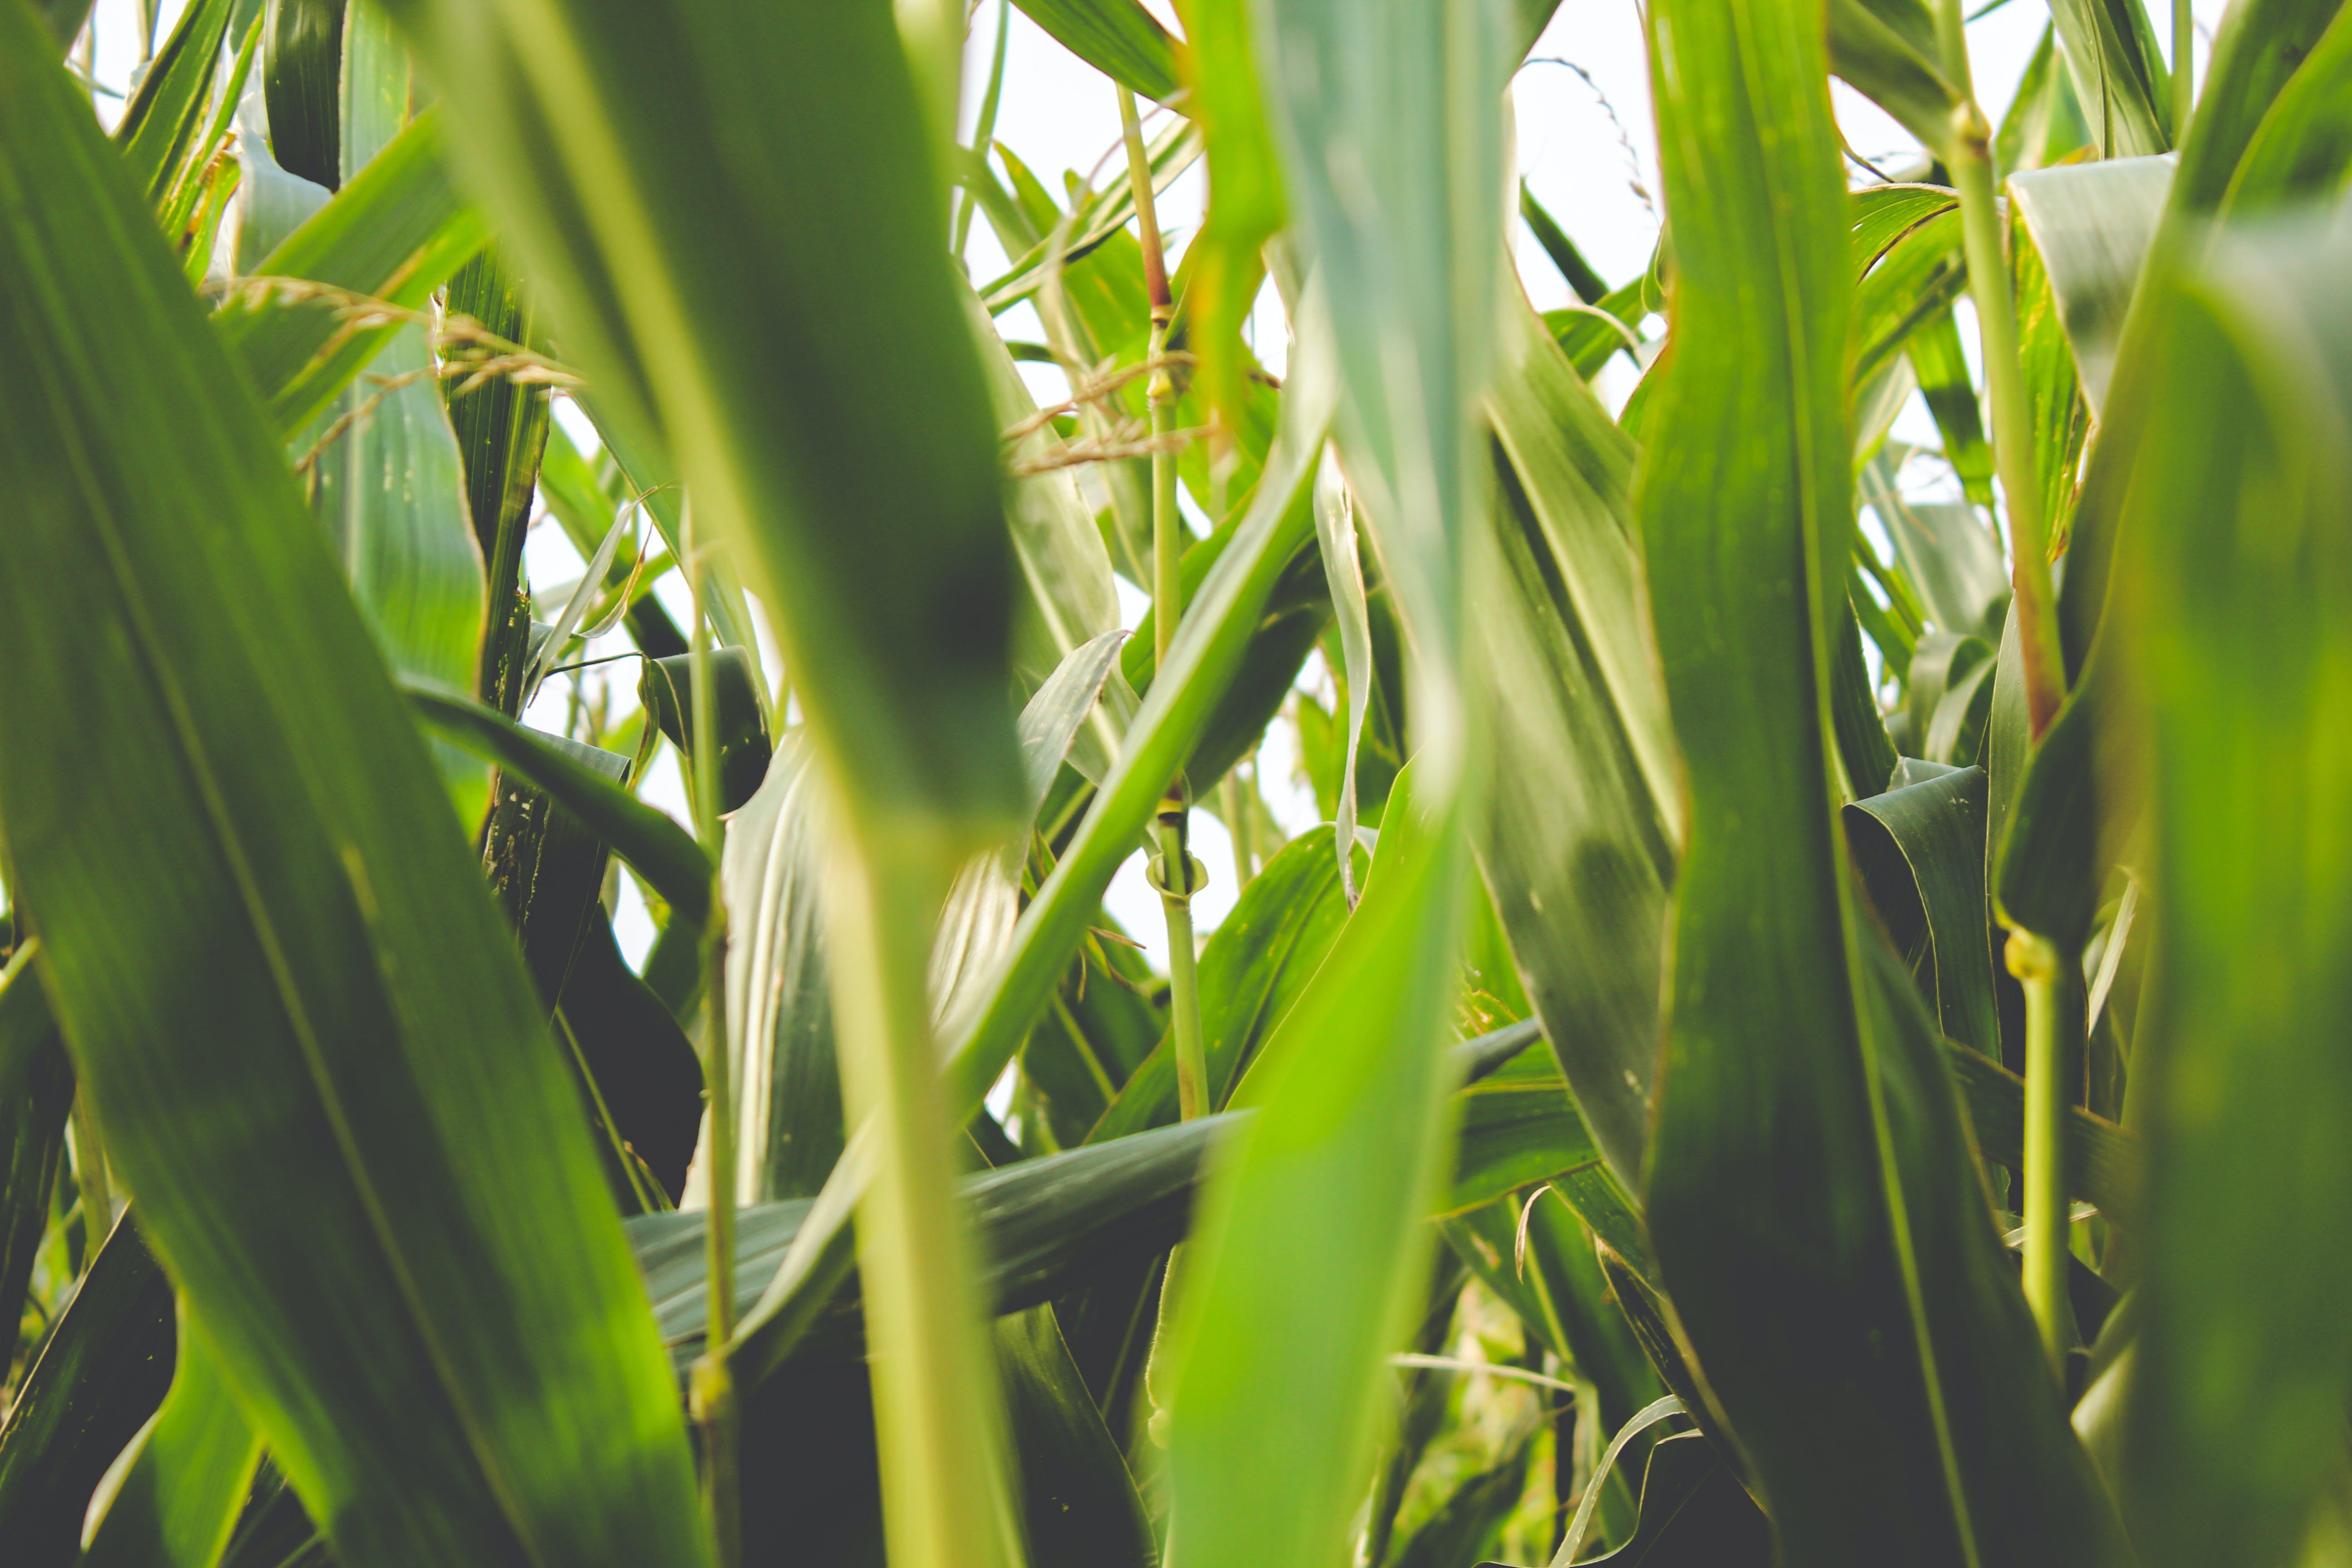 Kostenloses Stock Foto zu grün, maisfeld, natur, pflanzen